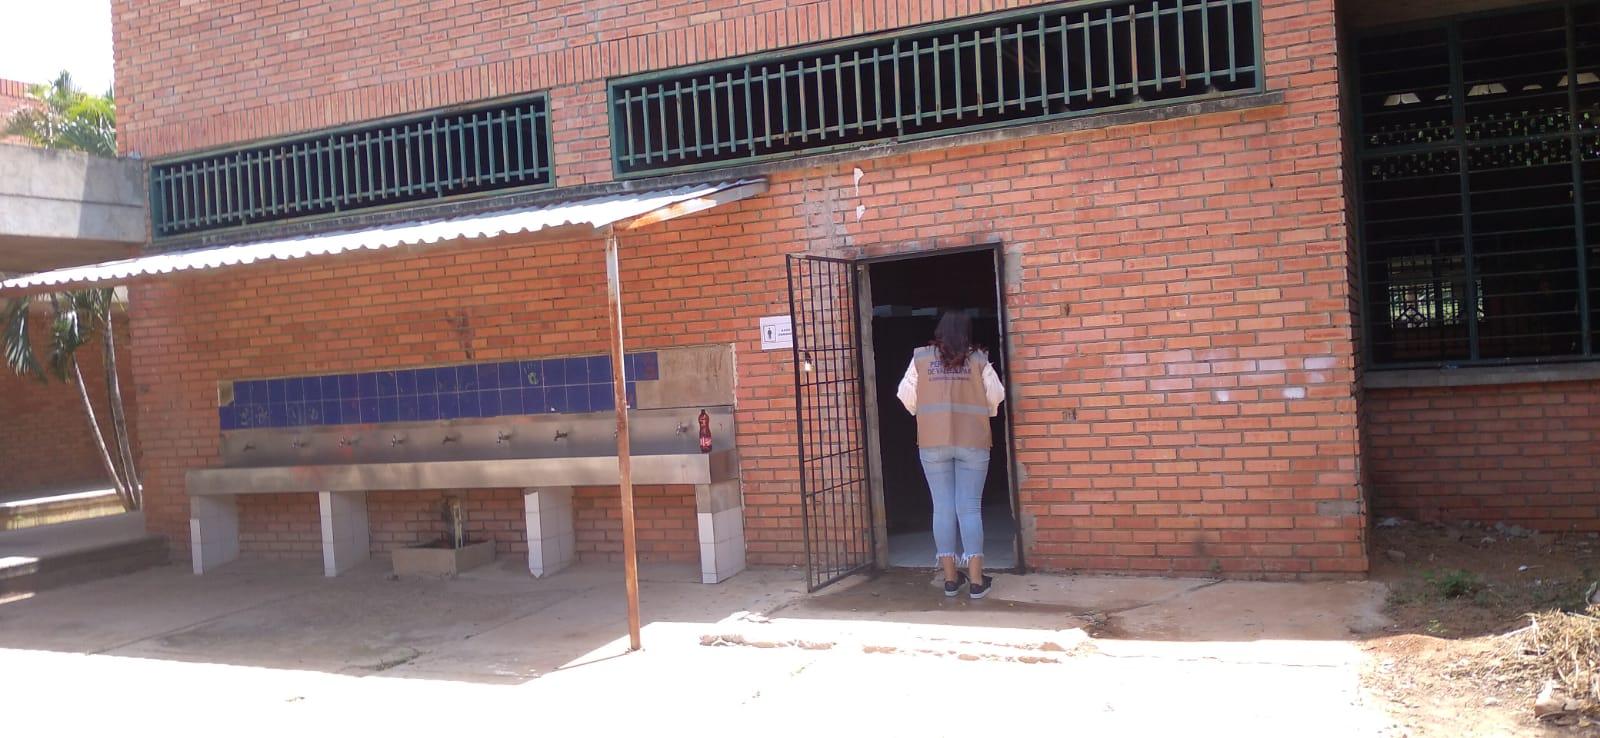 Personería de Valledupar pide suspender retorno a clases presenciales y mejorar condiciones de los colegios